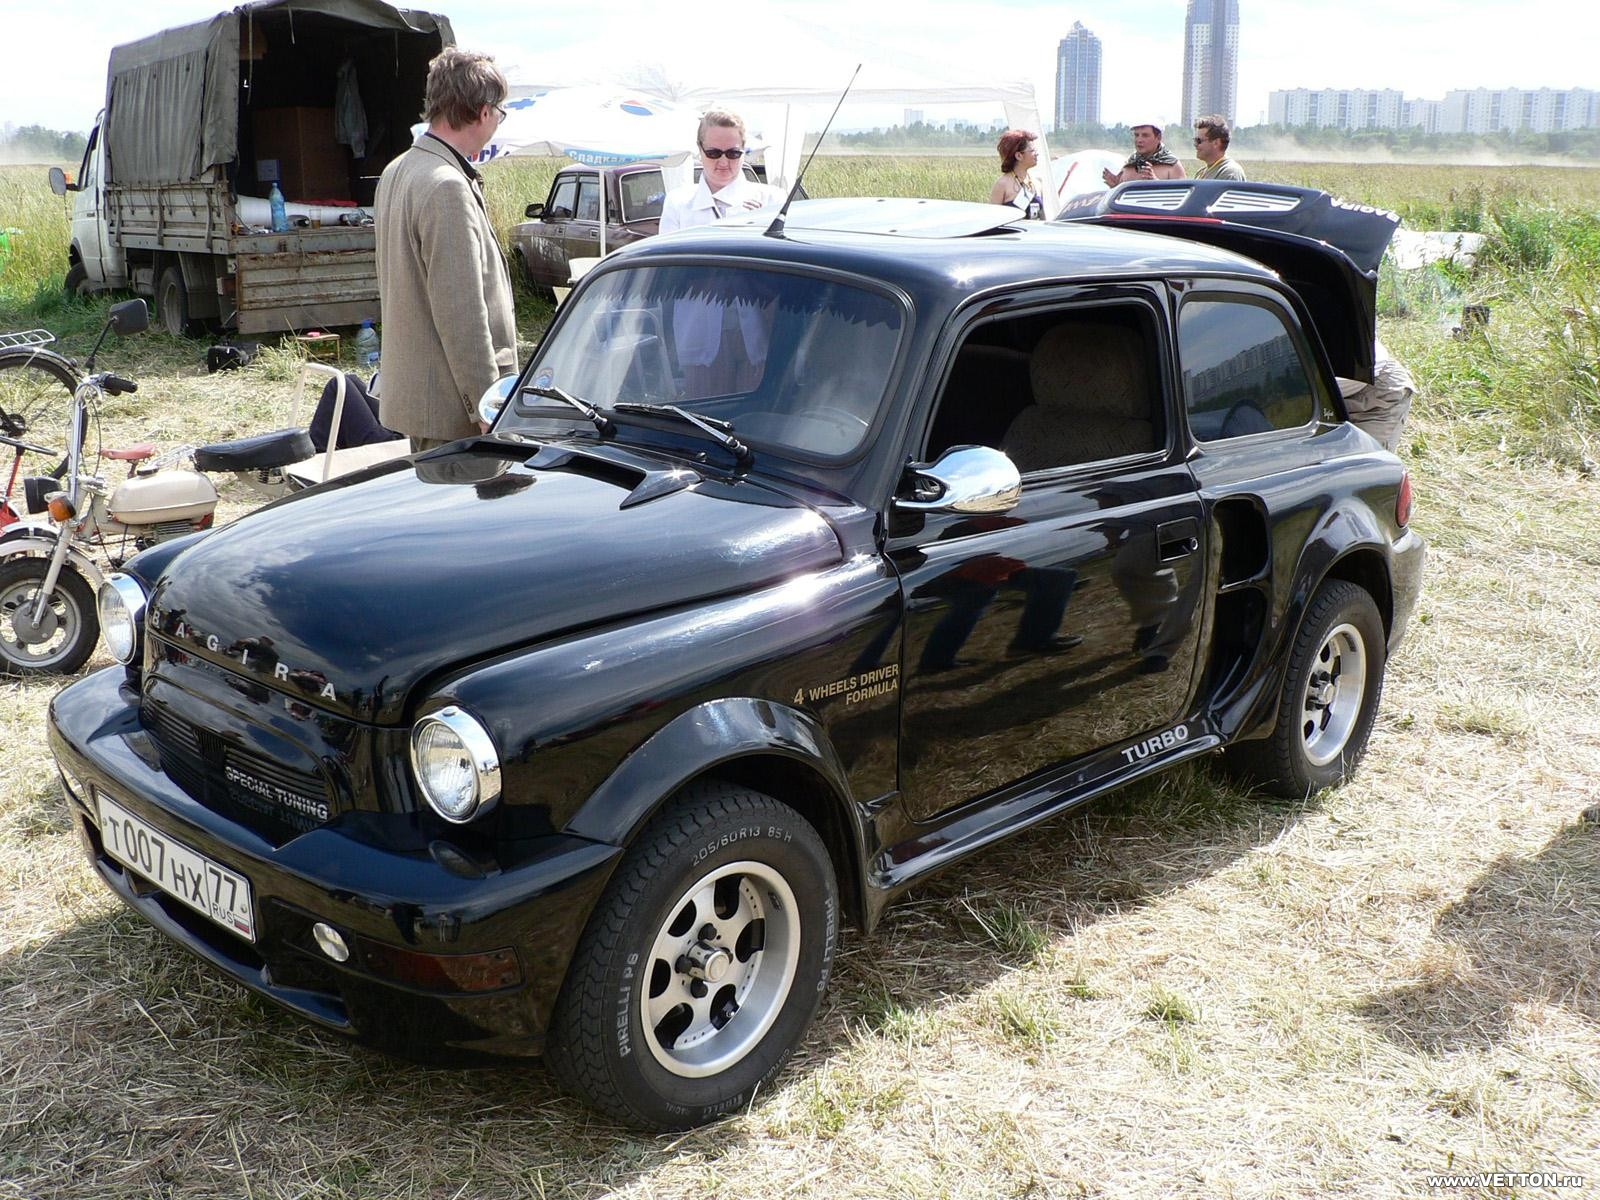 Смотреть бесплатно фото отечественных авто и девушки 17 фотография